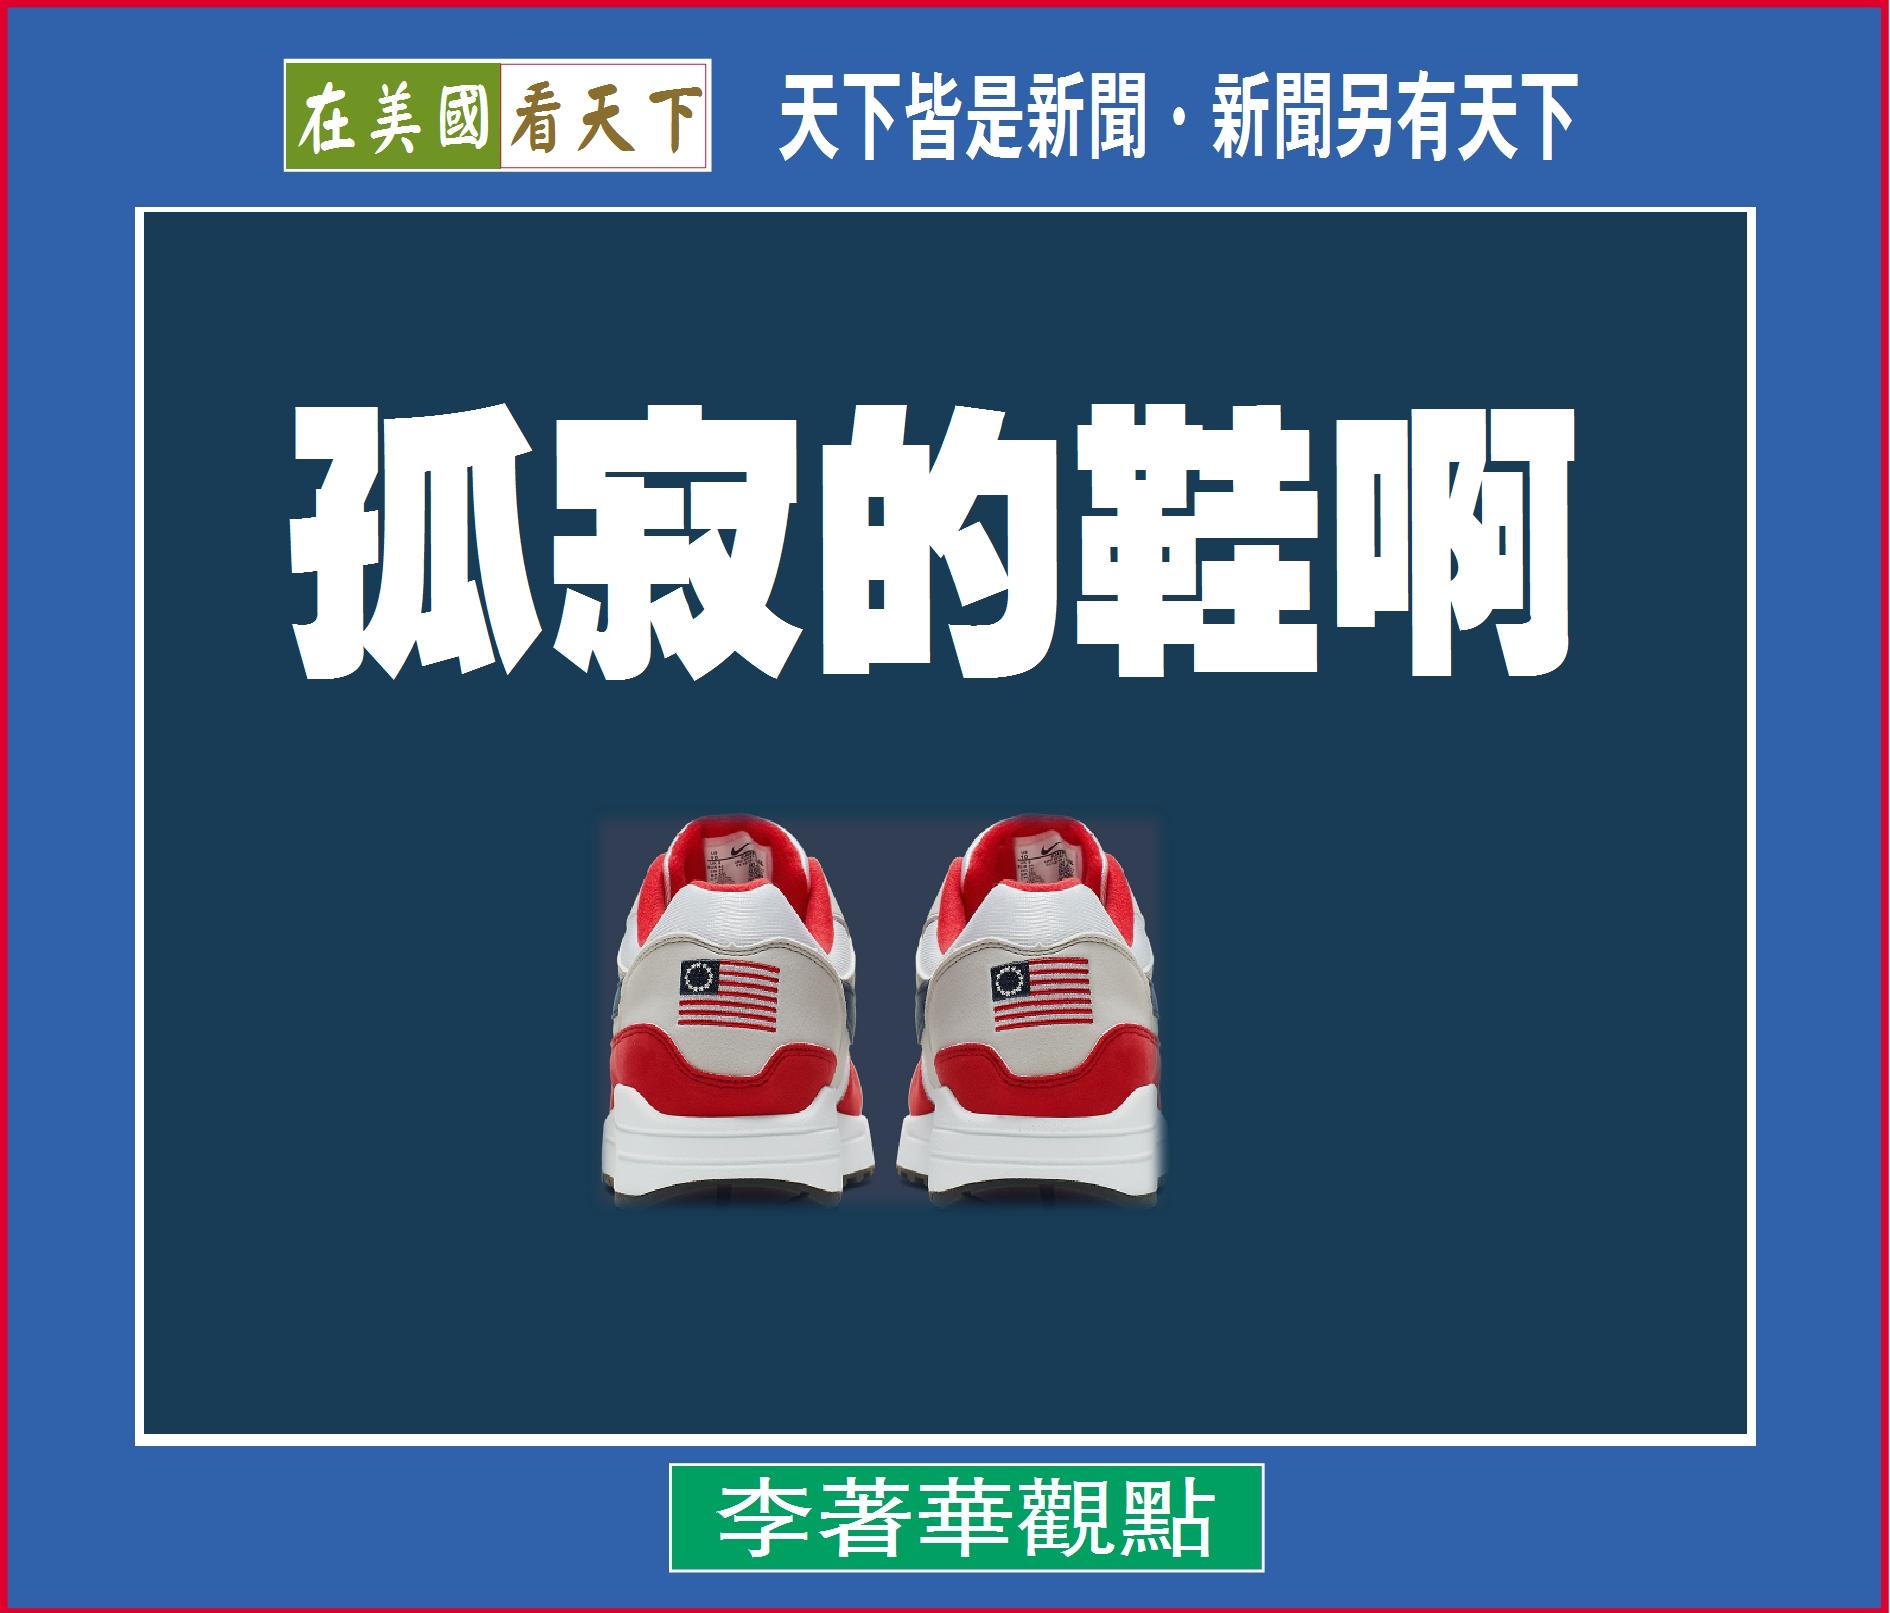 070319-孤寂的鞋啊-1